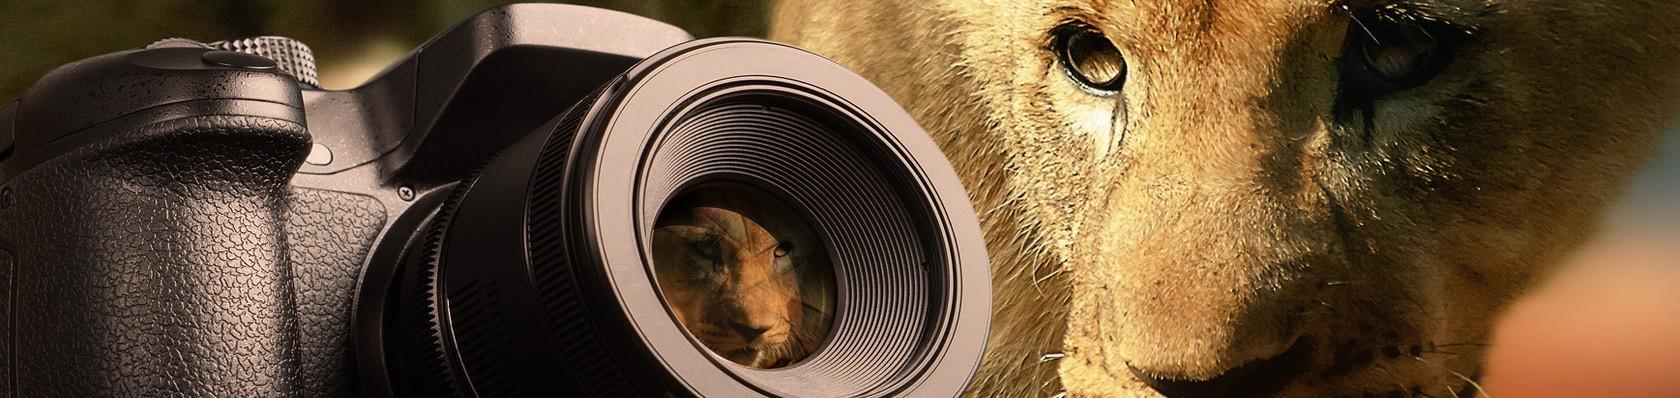 Spiegelreflexkameras im Test auf ExpertenTesten.de